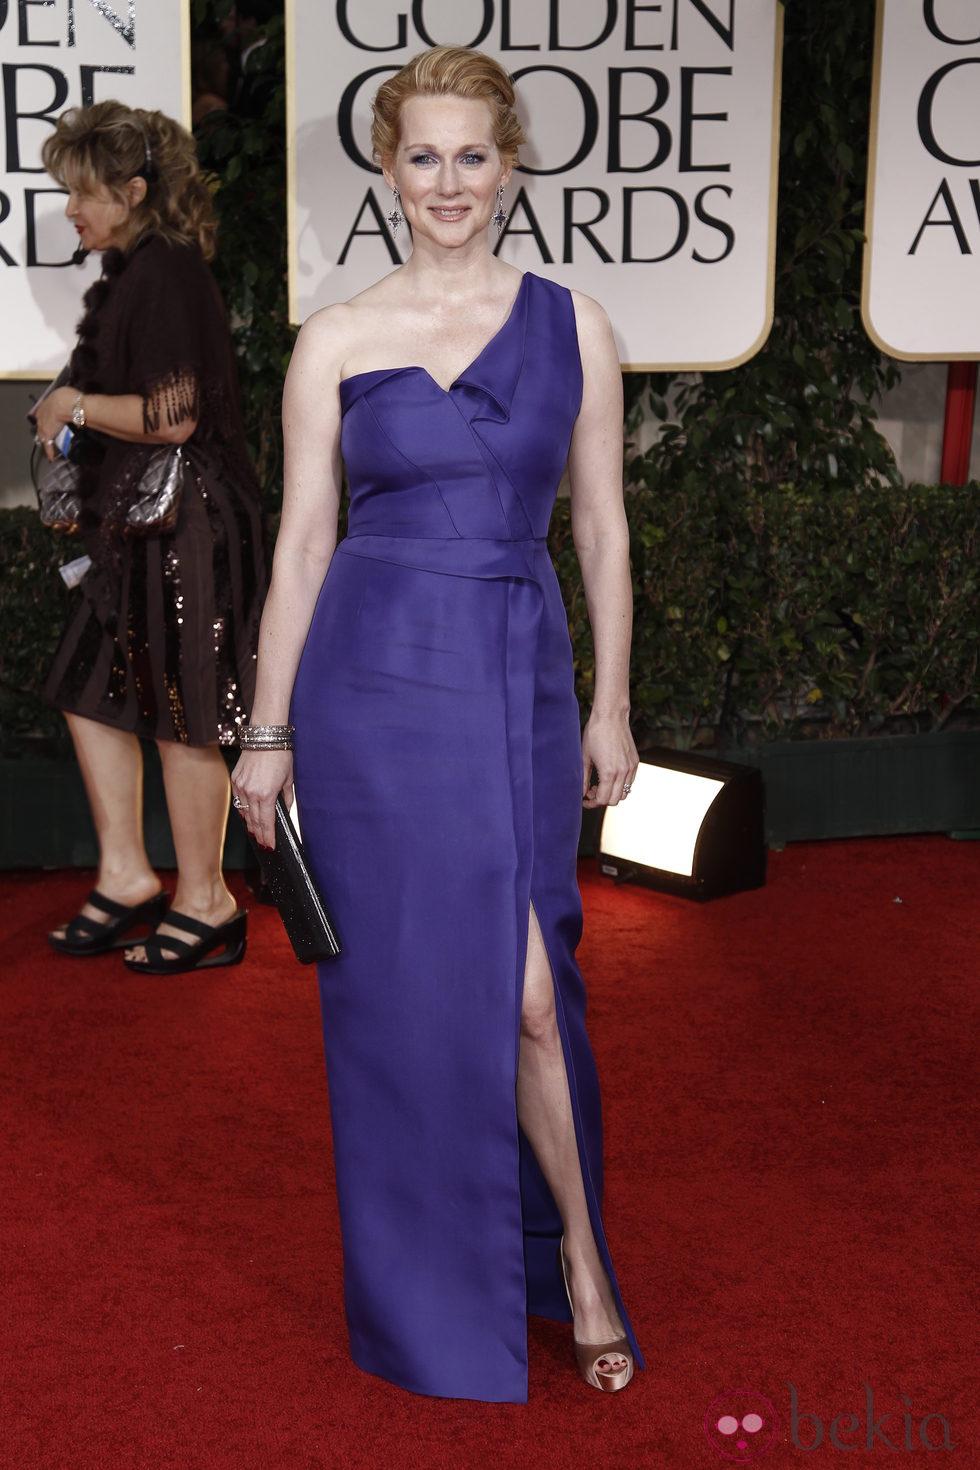 Laura Linney en la alfombra roja de los Globos de Oro 2012